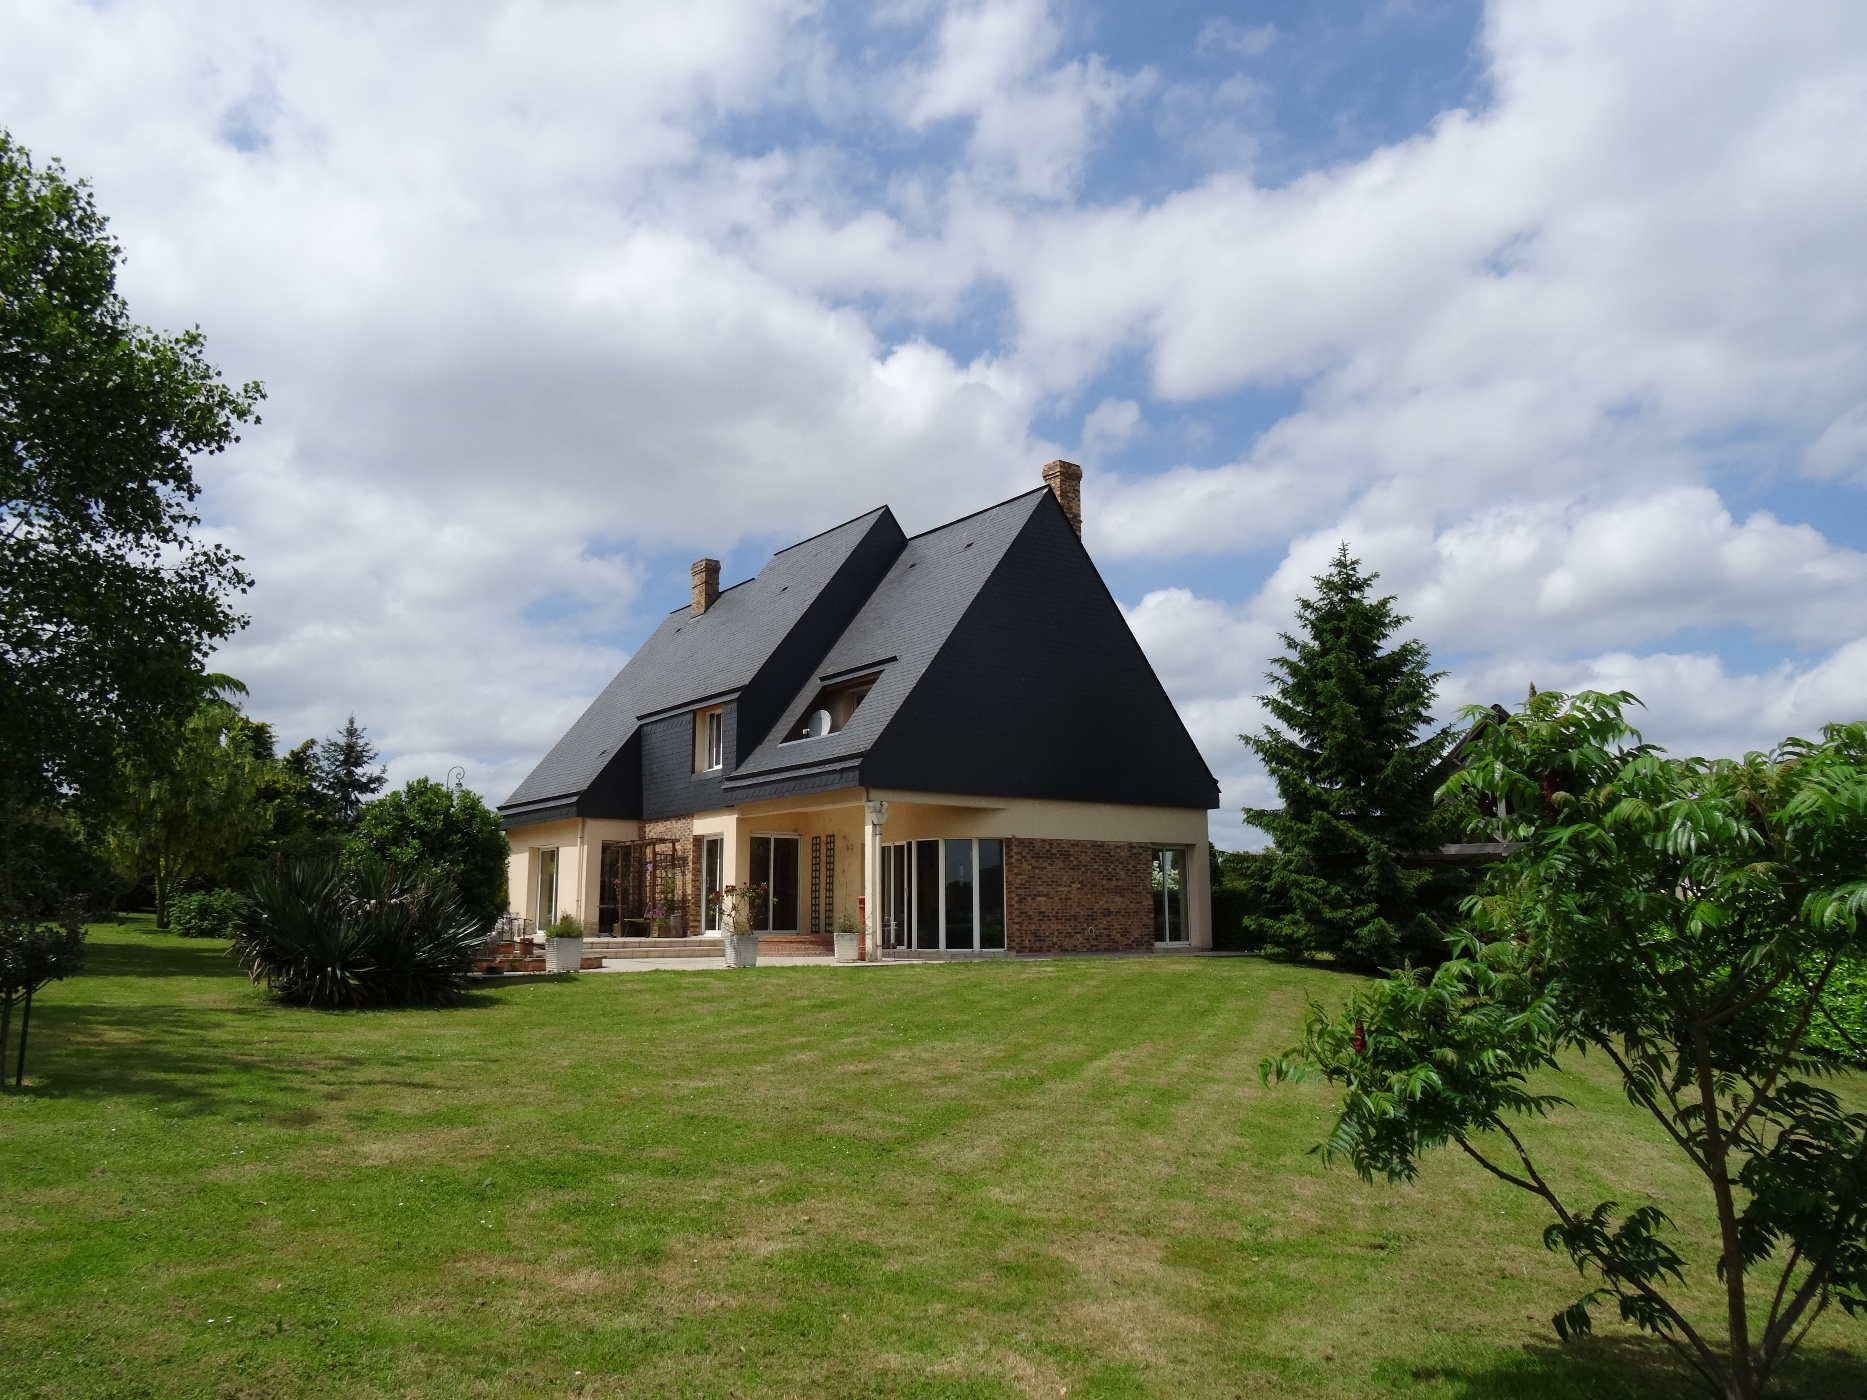 Acheter vente d 39 une maison contemporaine avec une for Acheter des maisons